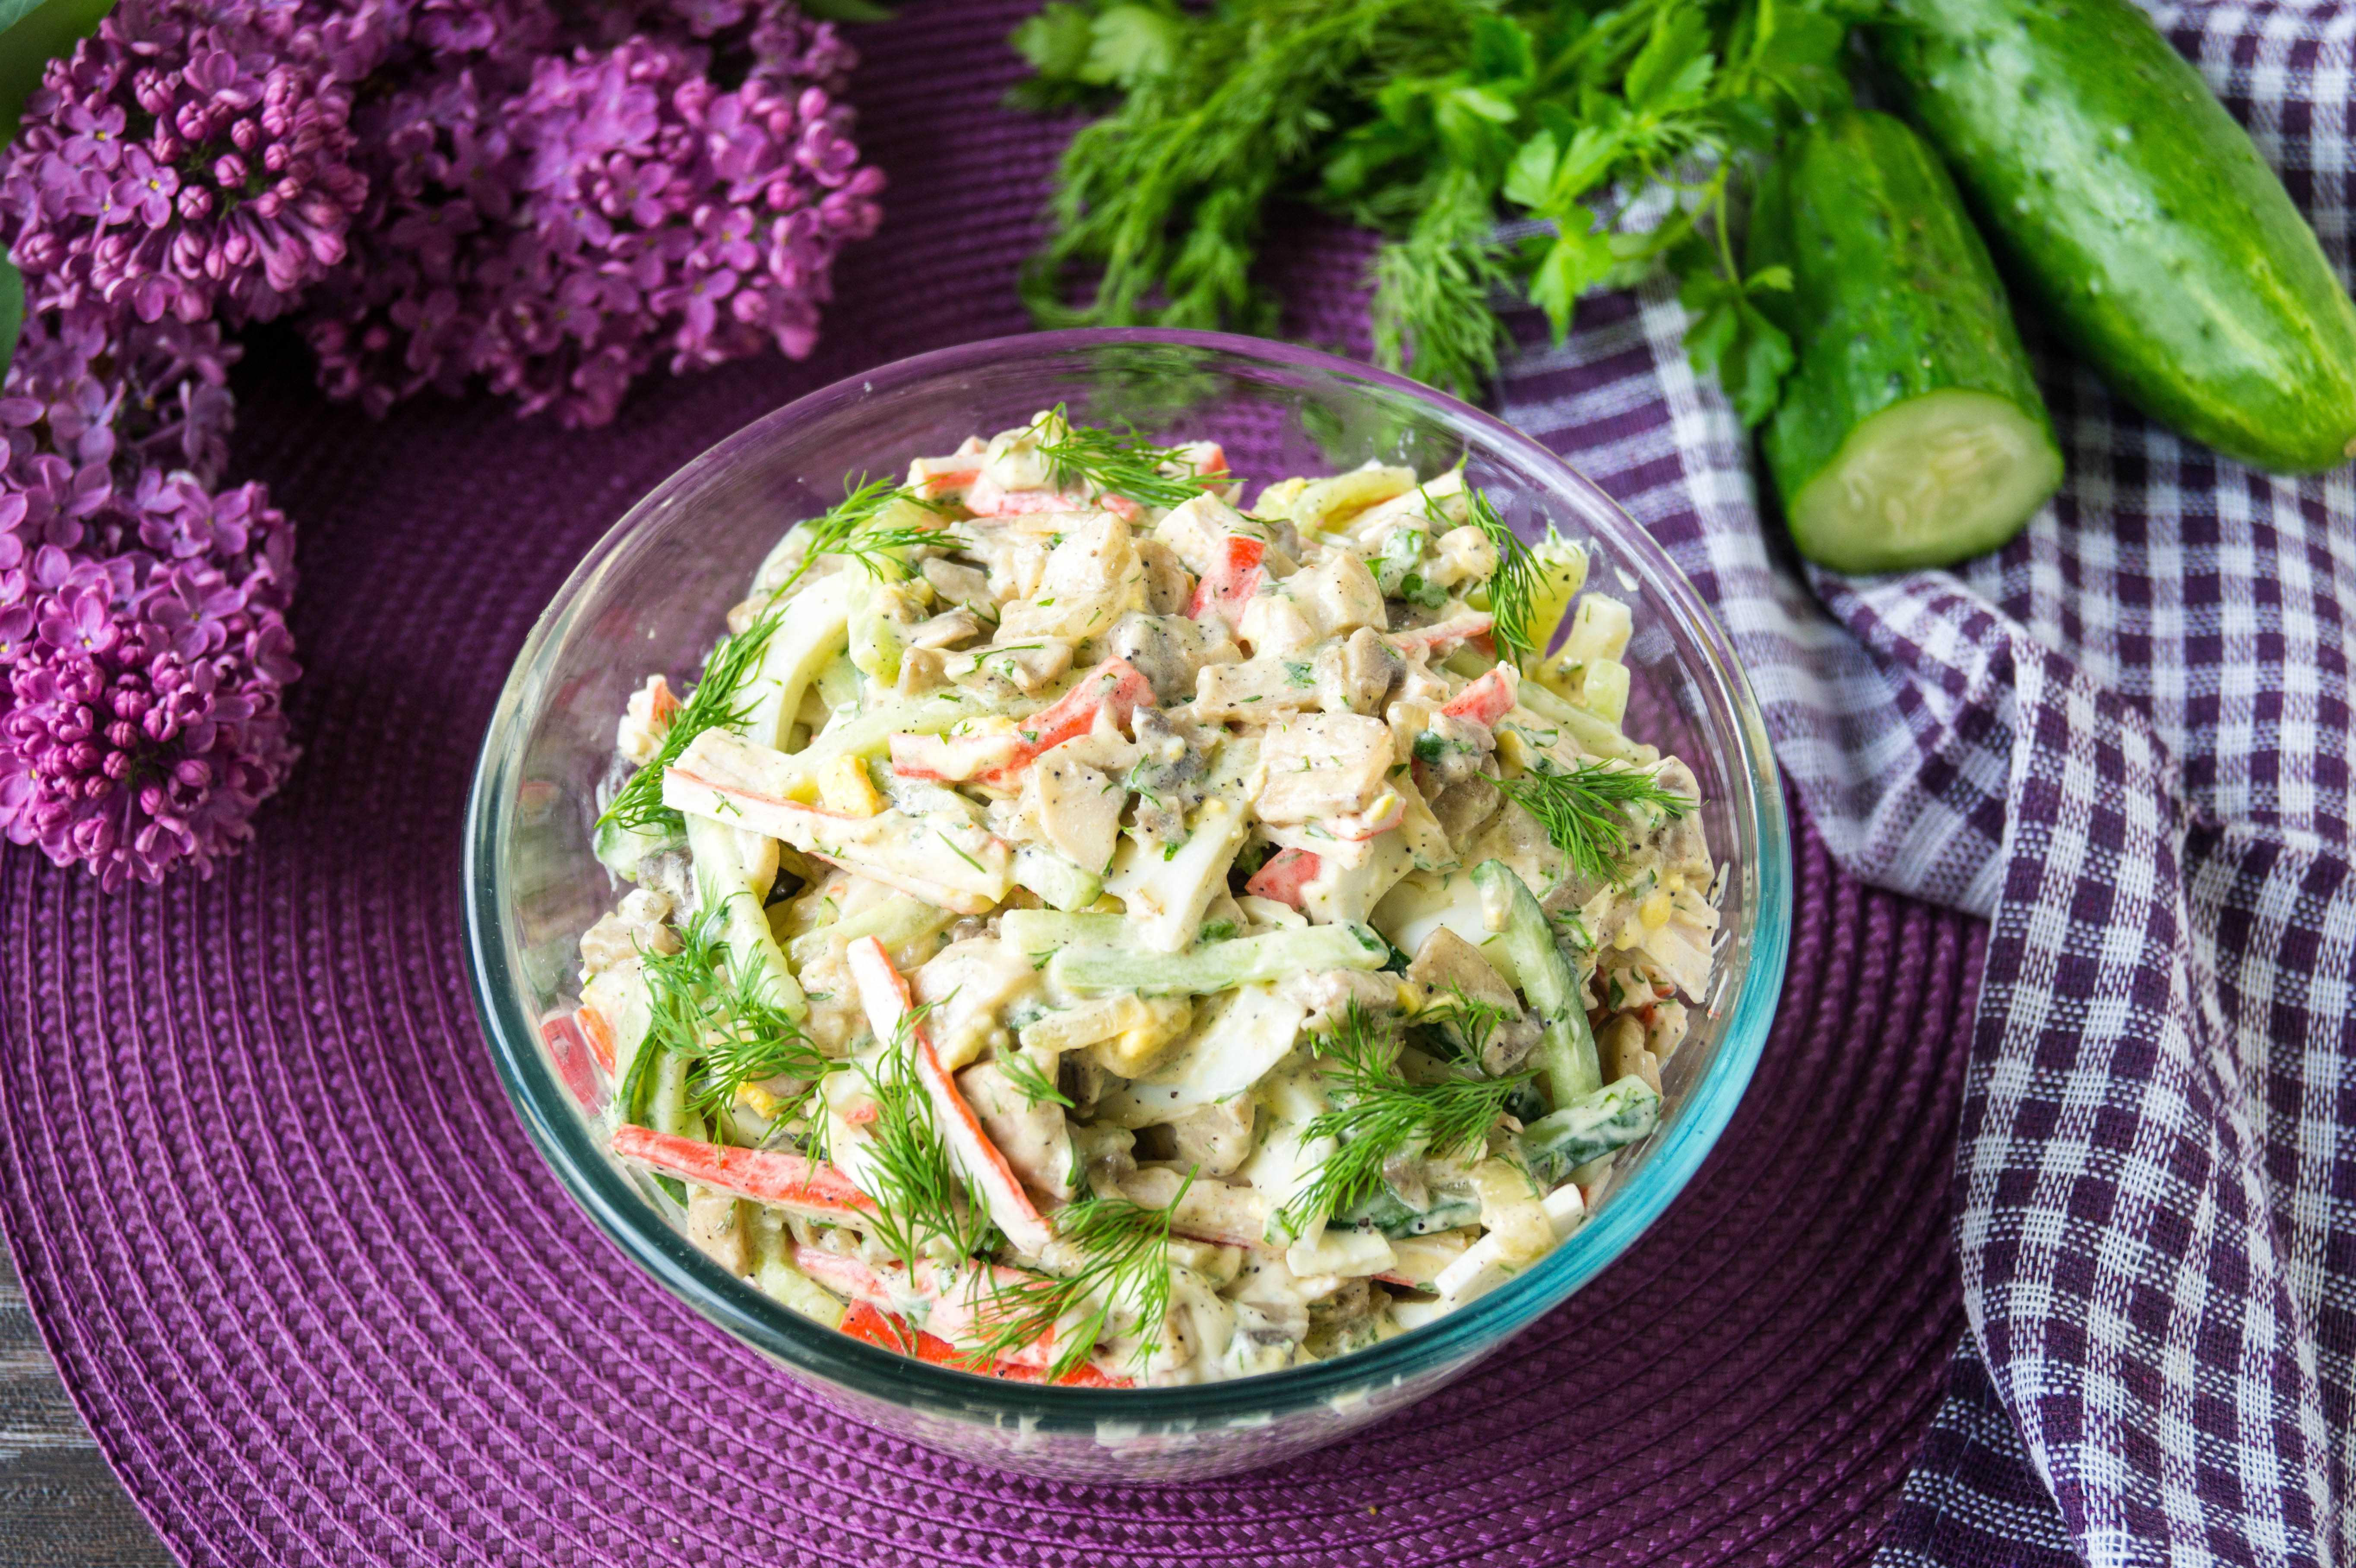 Салат с крабовыми палочками, огурцом, яйцом и сыром — 6 самых вкусных рецепта